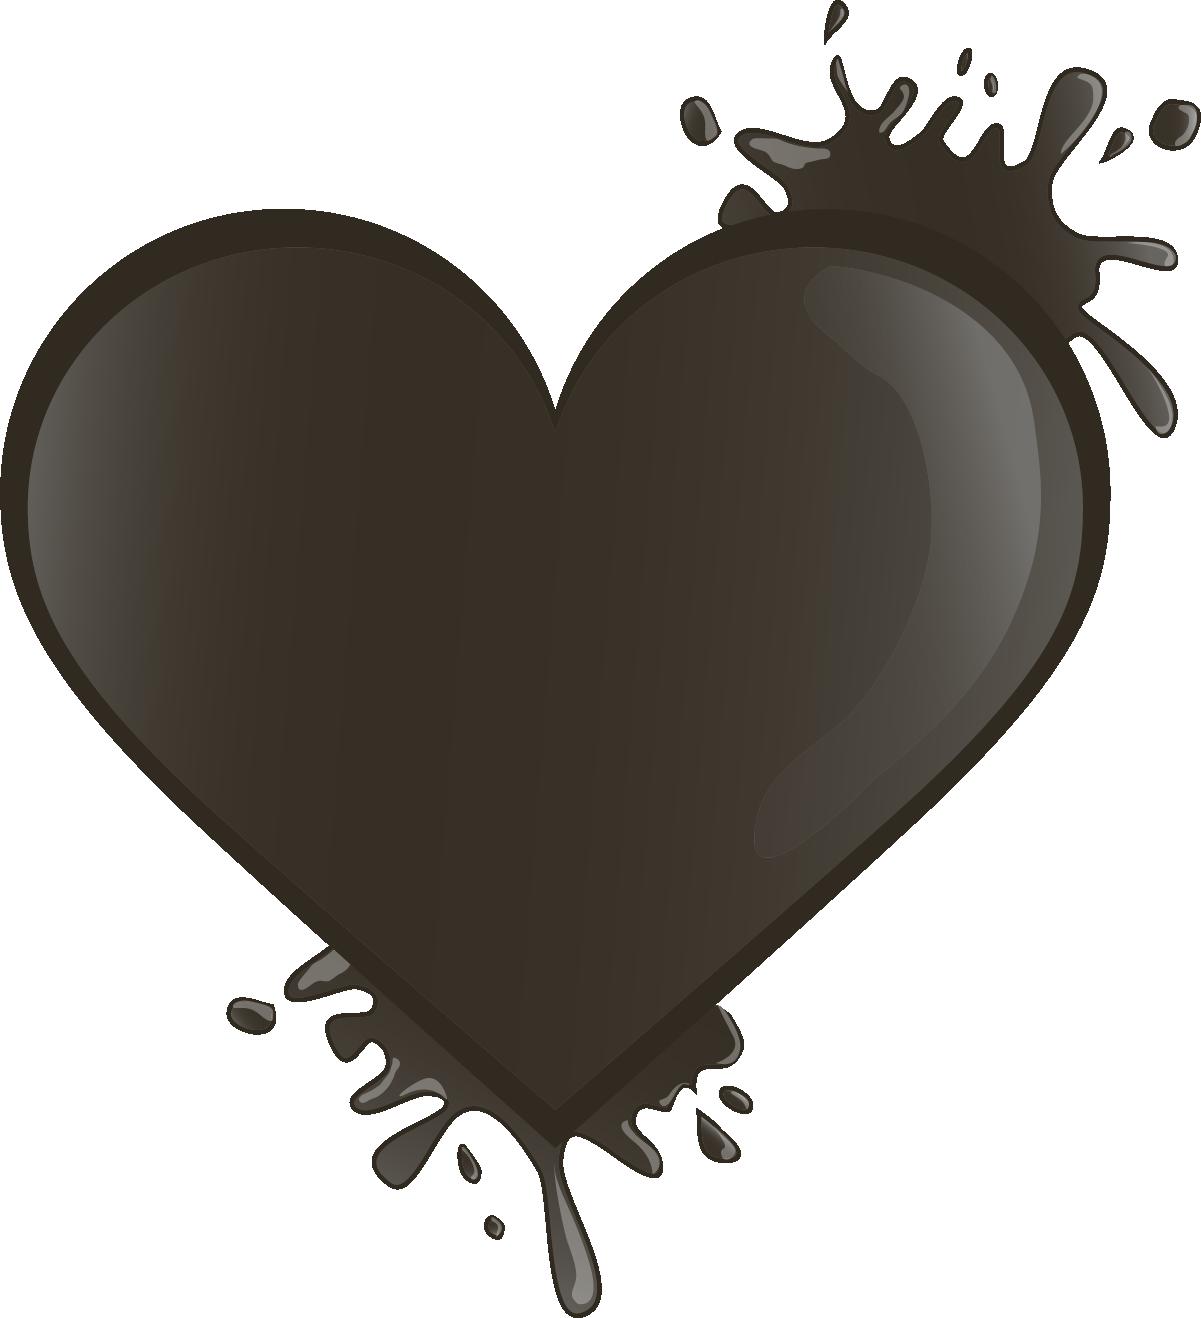 Наклейка «Черная клякса в форме сердца»Кляксы<br>Цветная интерьерная наклейка на виниле. Яркая и красивая! Можно сделать любой размер. Трехслойная надежная упаковка. Доставим в любую точку России.<br>